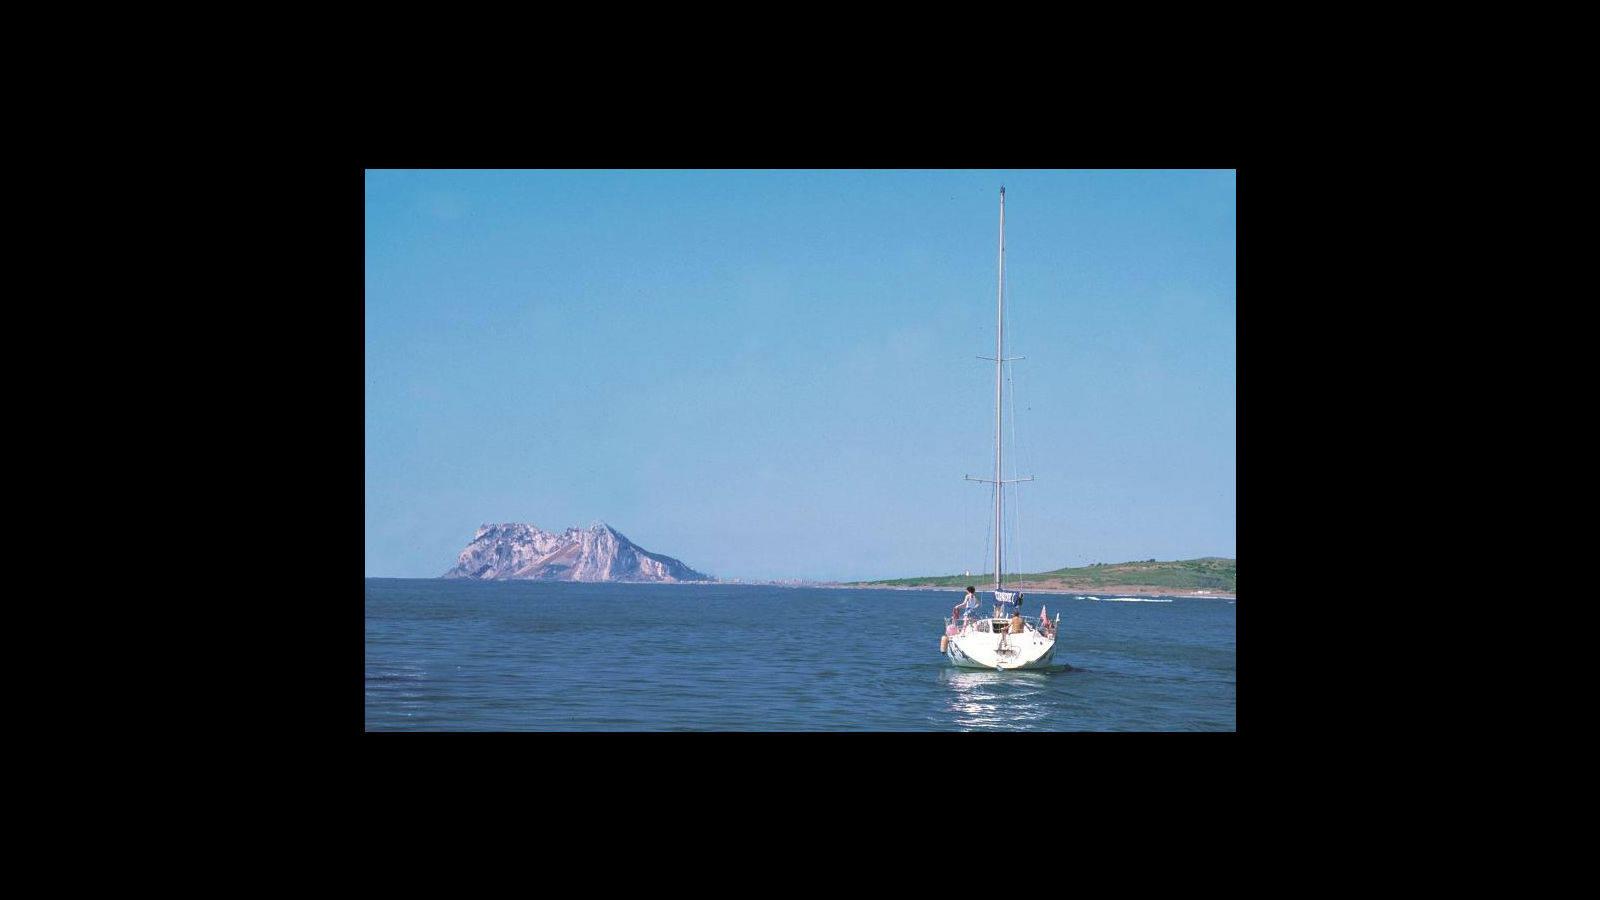 Vistas del Peñón de Gibraltar desde las aguas de Sotogrande